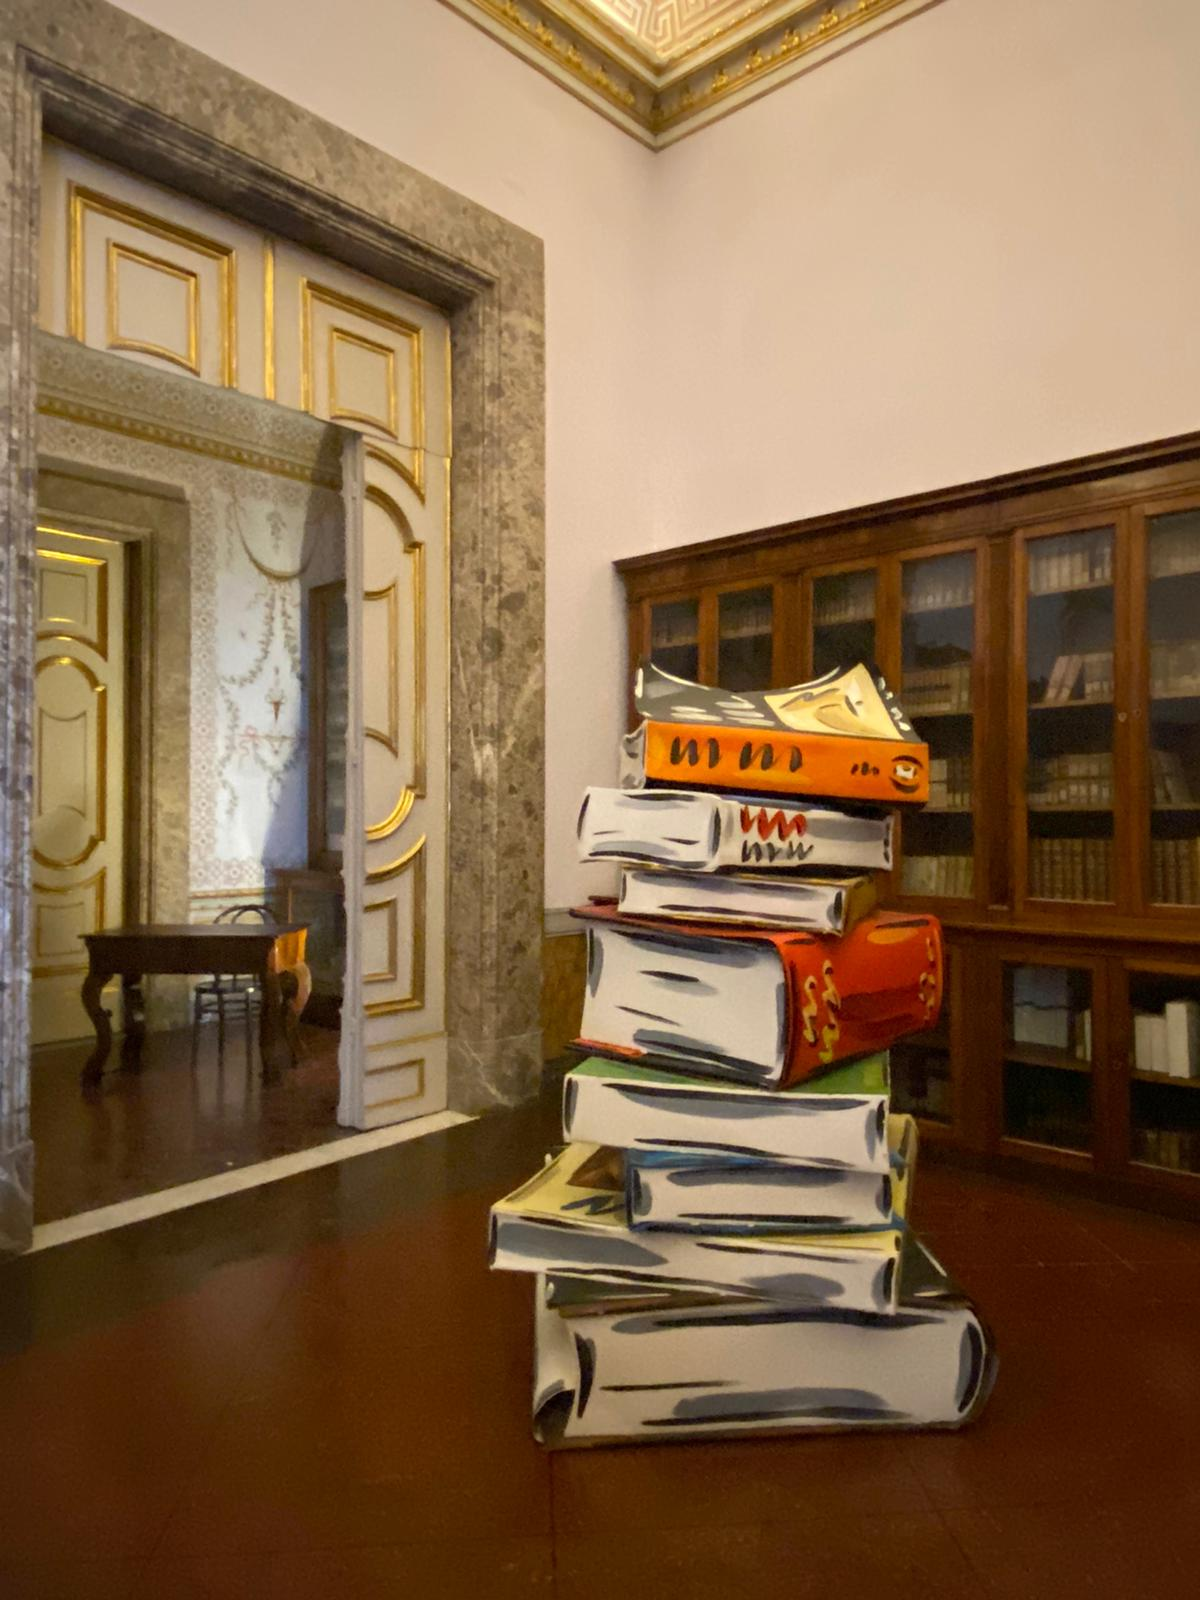 23 novembre: Gli appartamenti reali della Reggia Caserta ospiteranno le opere della mostra Terrae Motus. Anticipazioni sui social